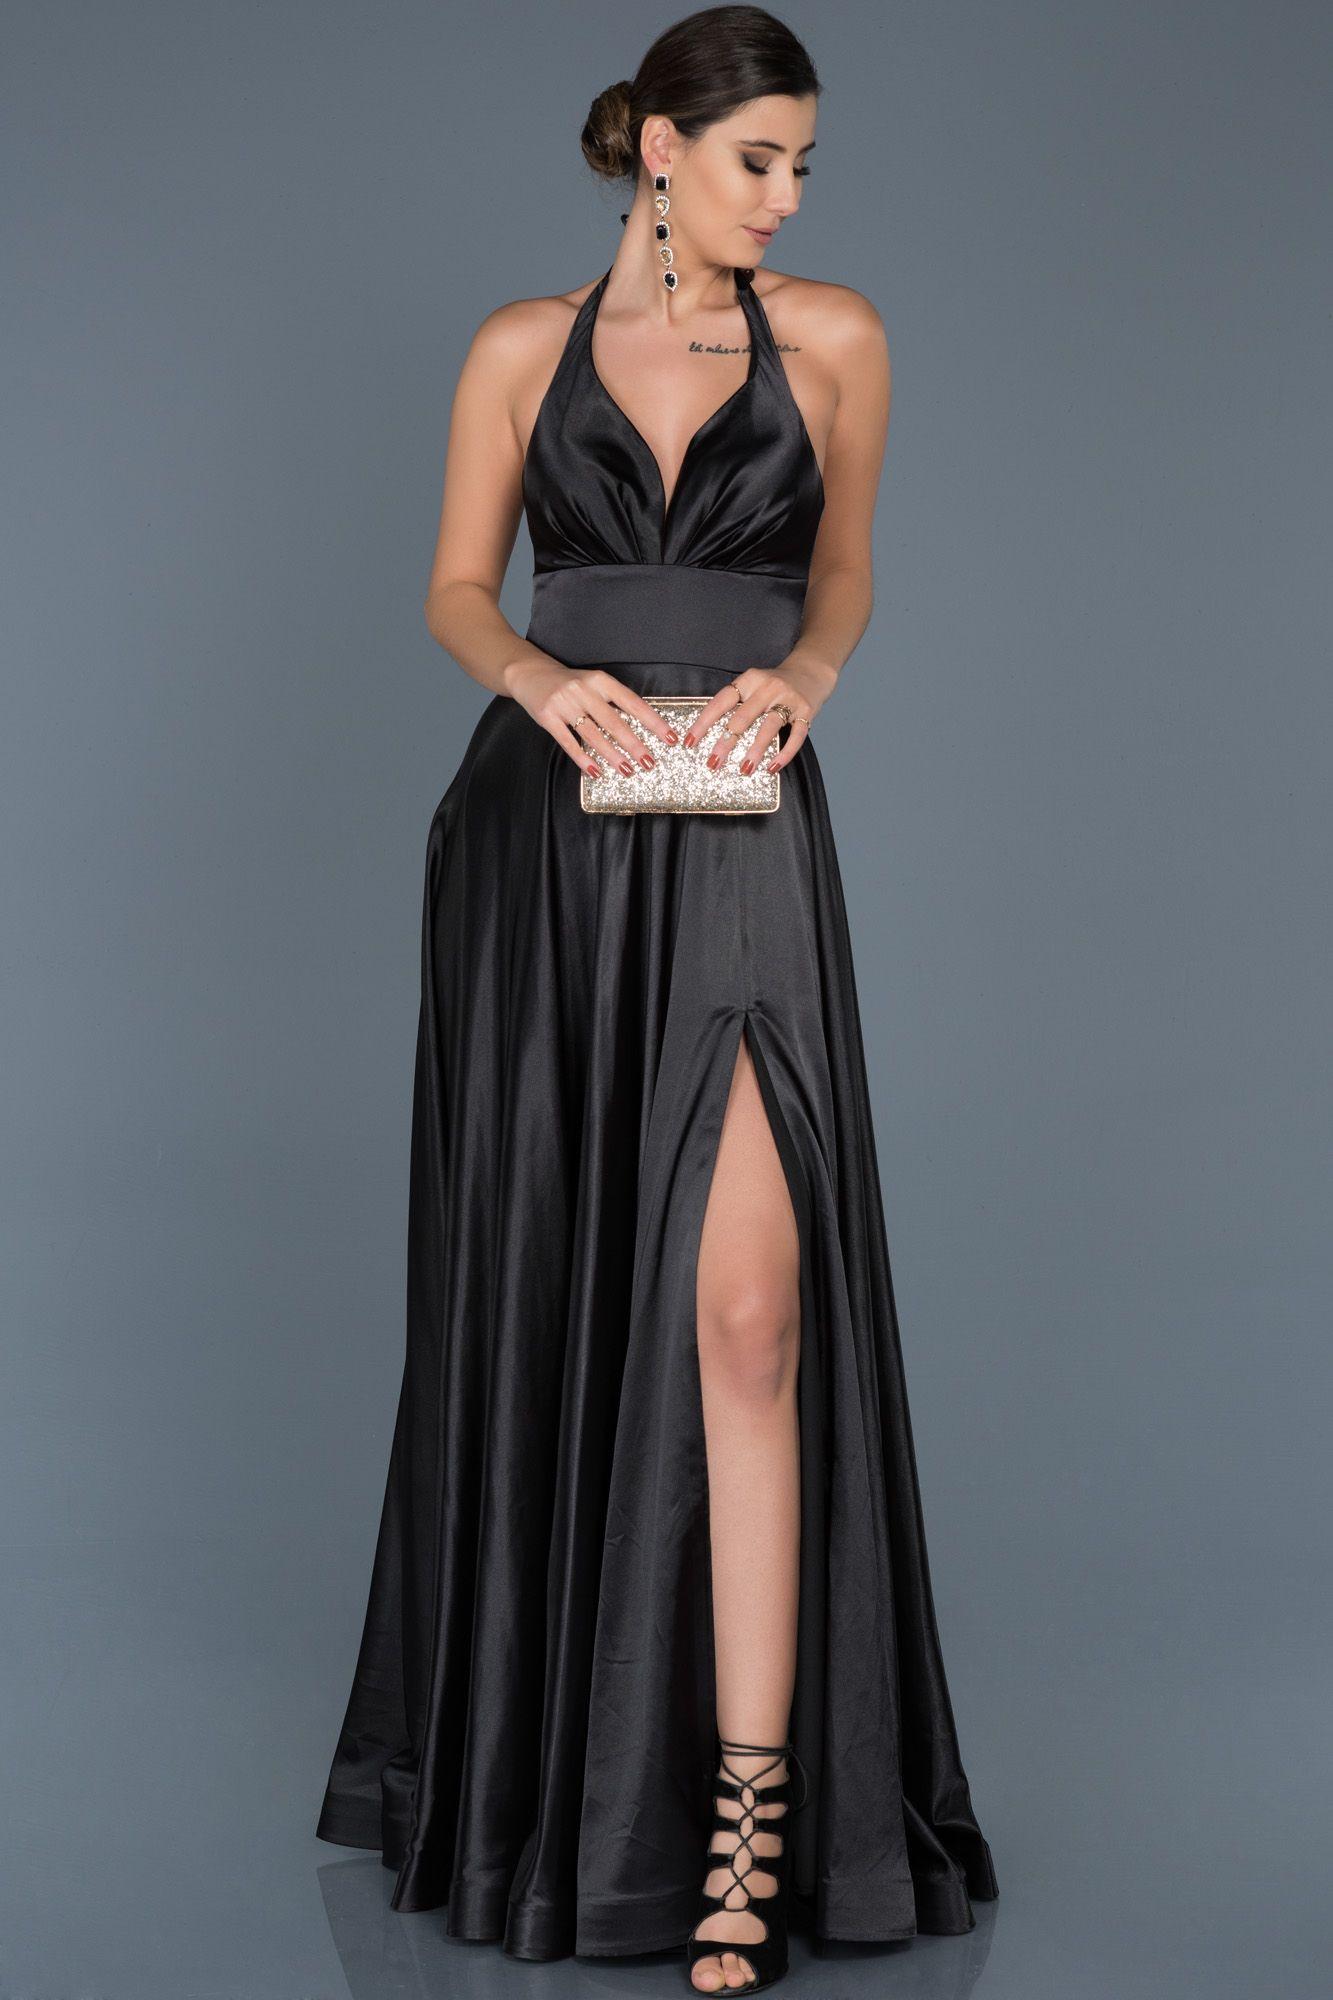 Siyah Yirtmacli Saten Gece Elbisesi Abu543 Moda Stilleri Siyah Abiye Elbise